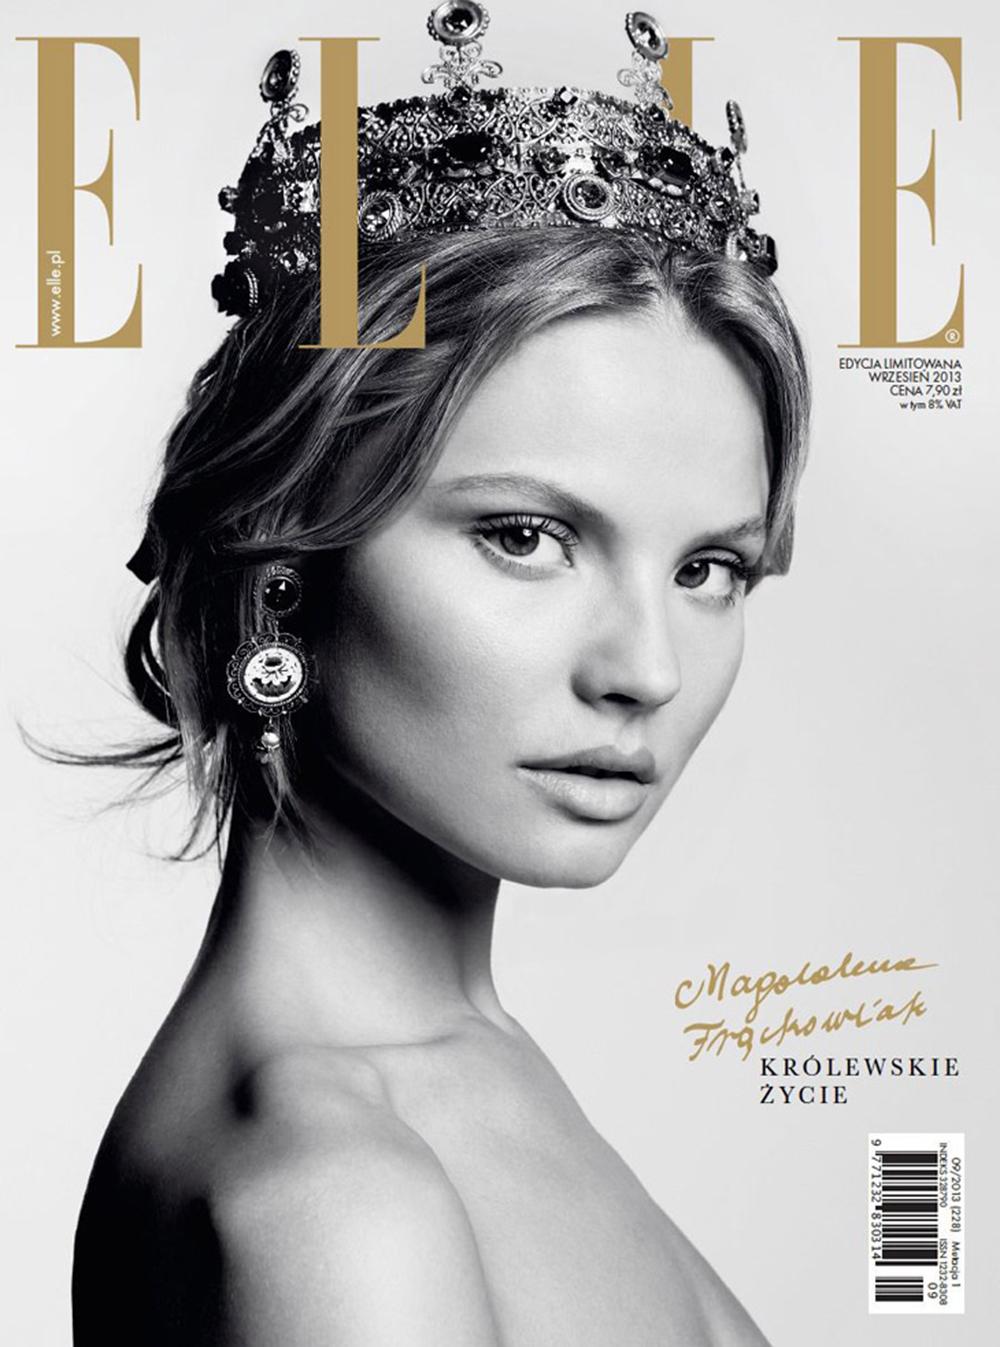 Magdalena-Frackowiak-Elle-Poland-September-2013-02.jpg